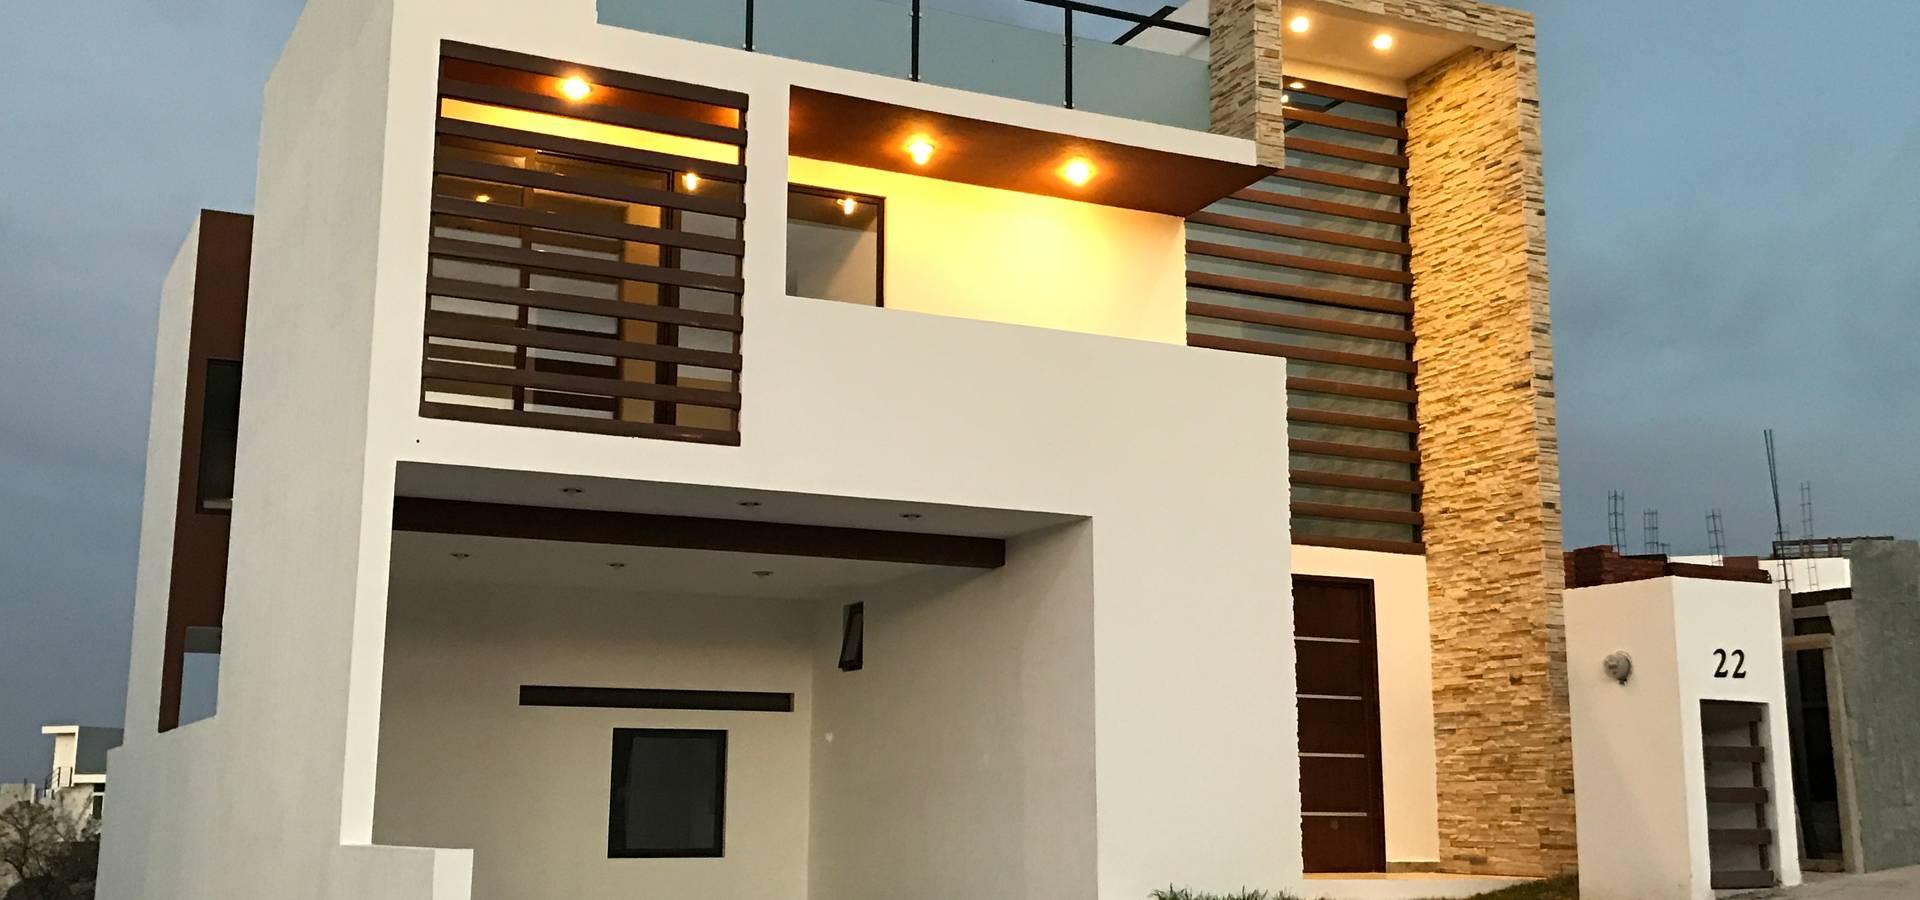 Sesife Arquitectura